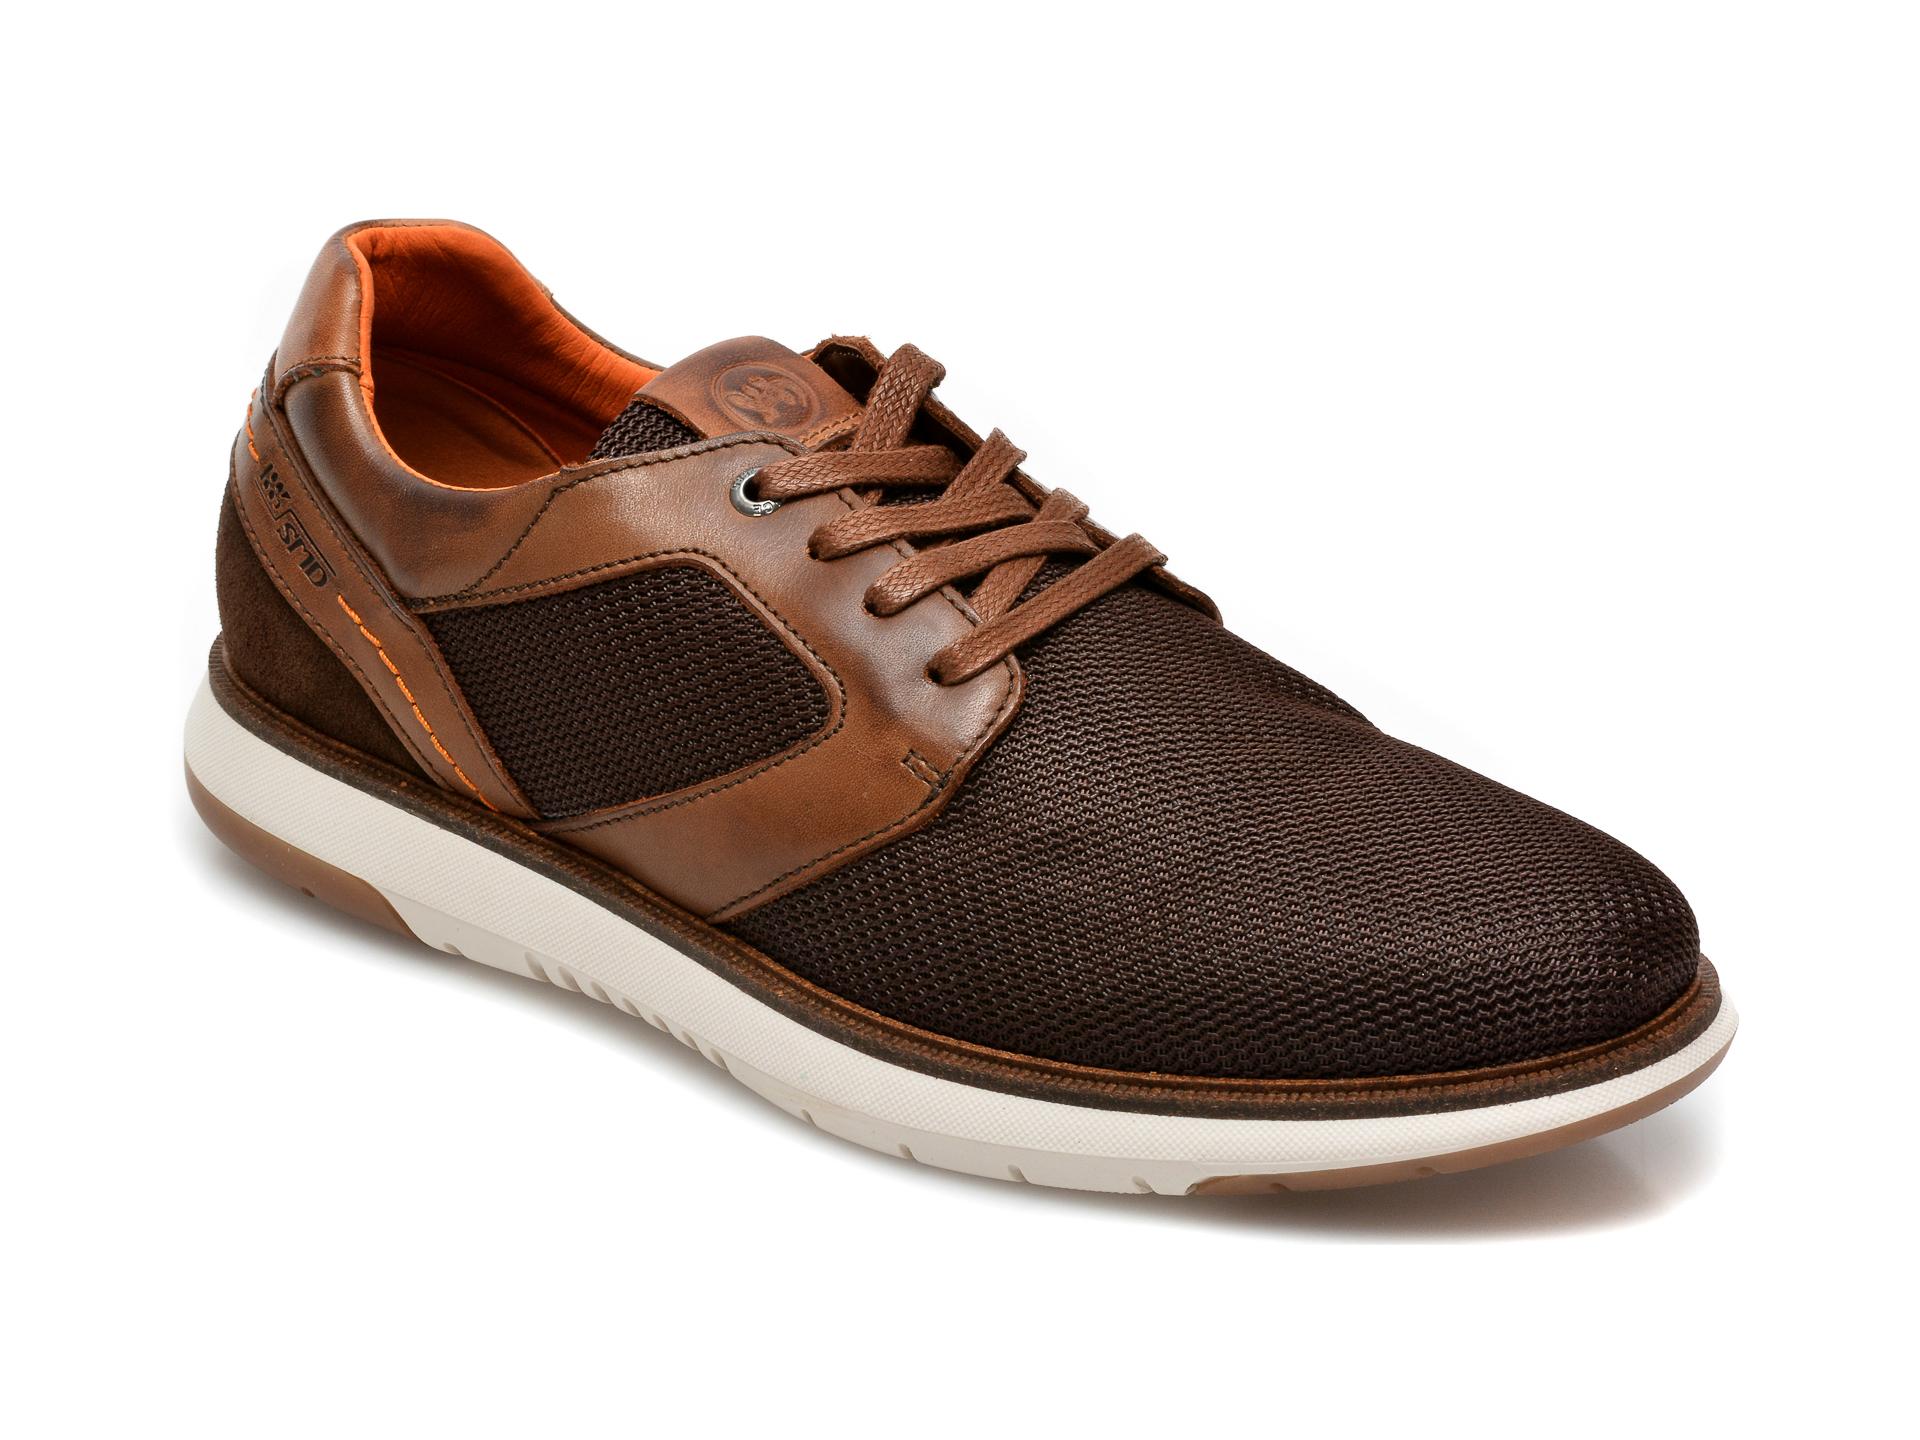 Pantofi Salamander Maro, 60004, Din Material Textil Si Piele Naturala